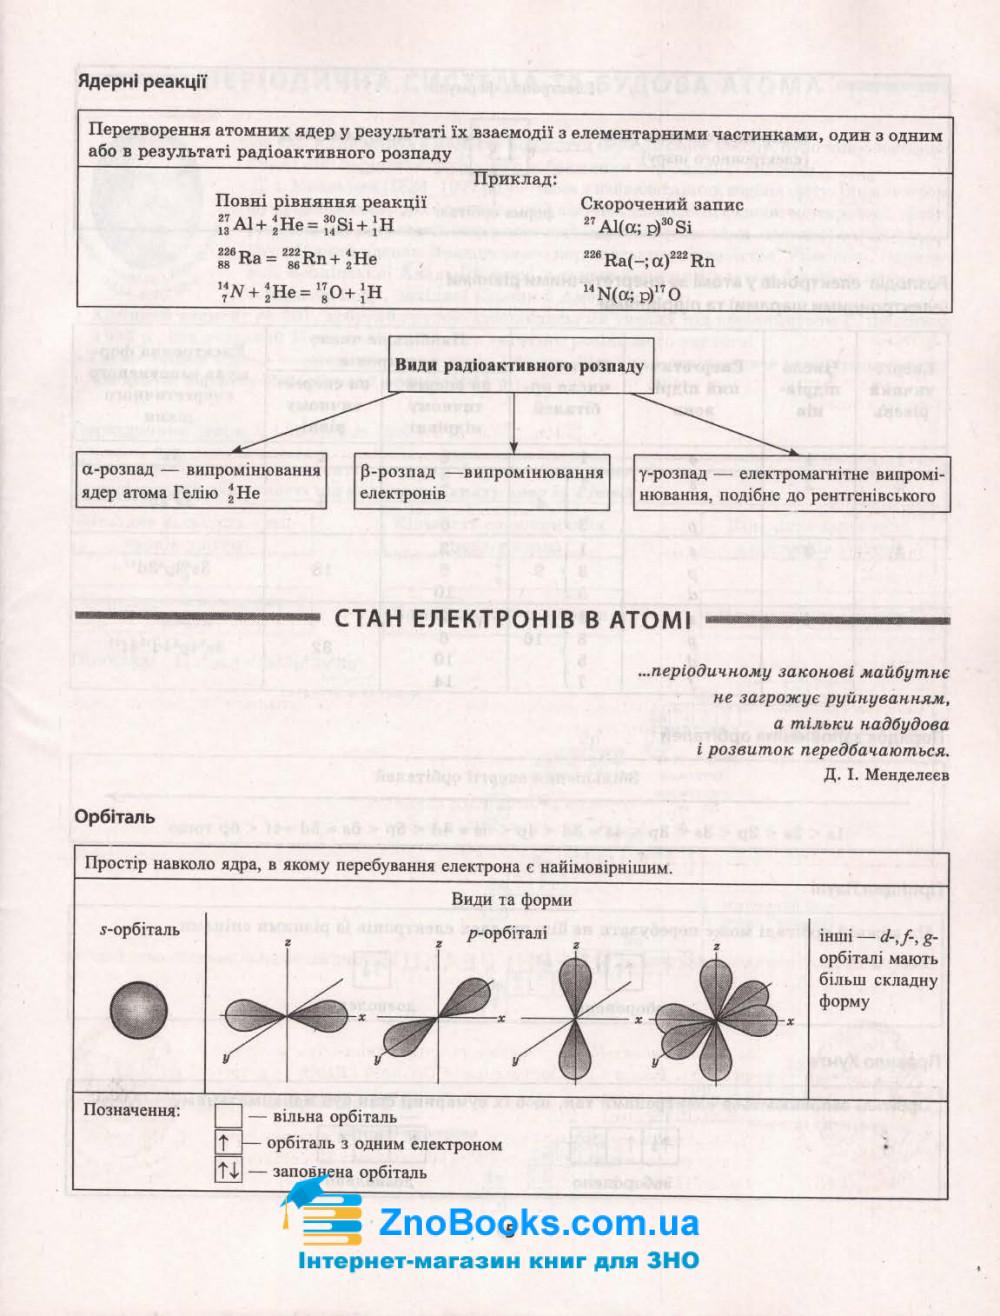 Хімія. Таблиці та схеми : Варавва Н. Торсінг. купити 6